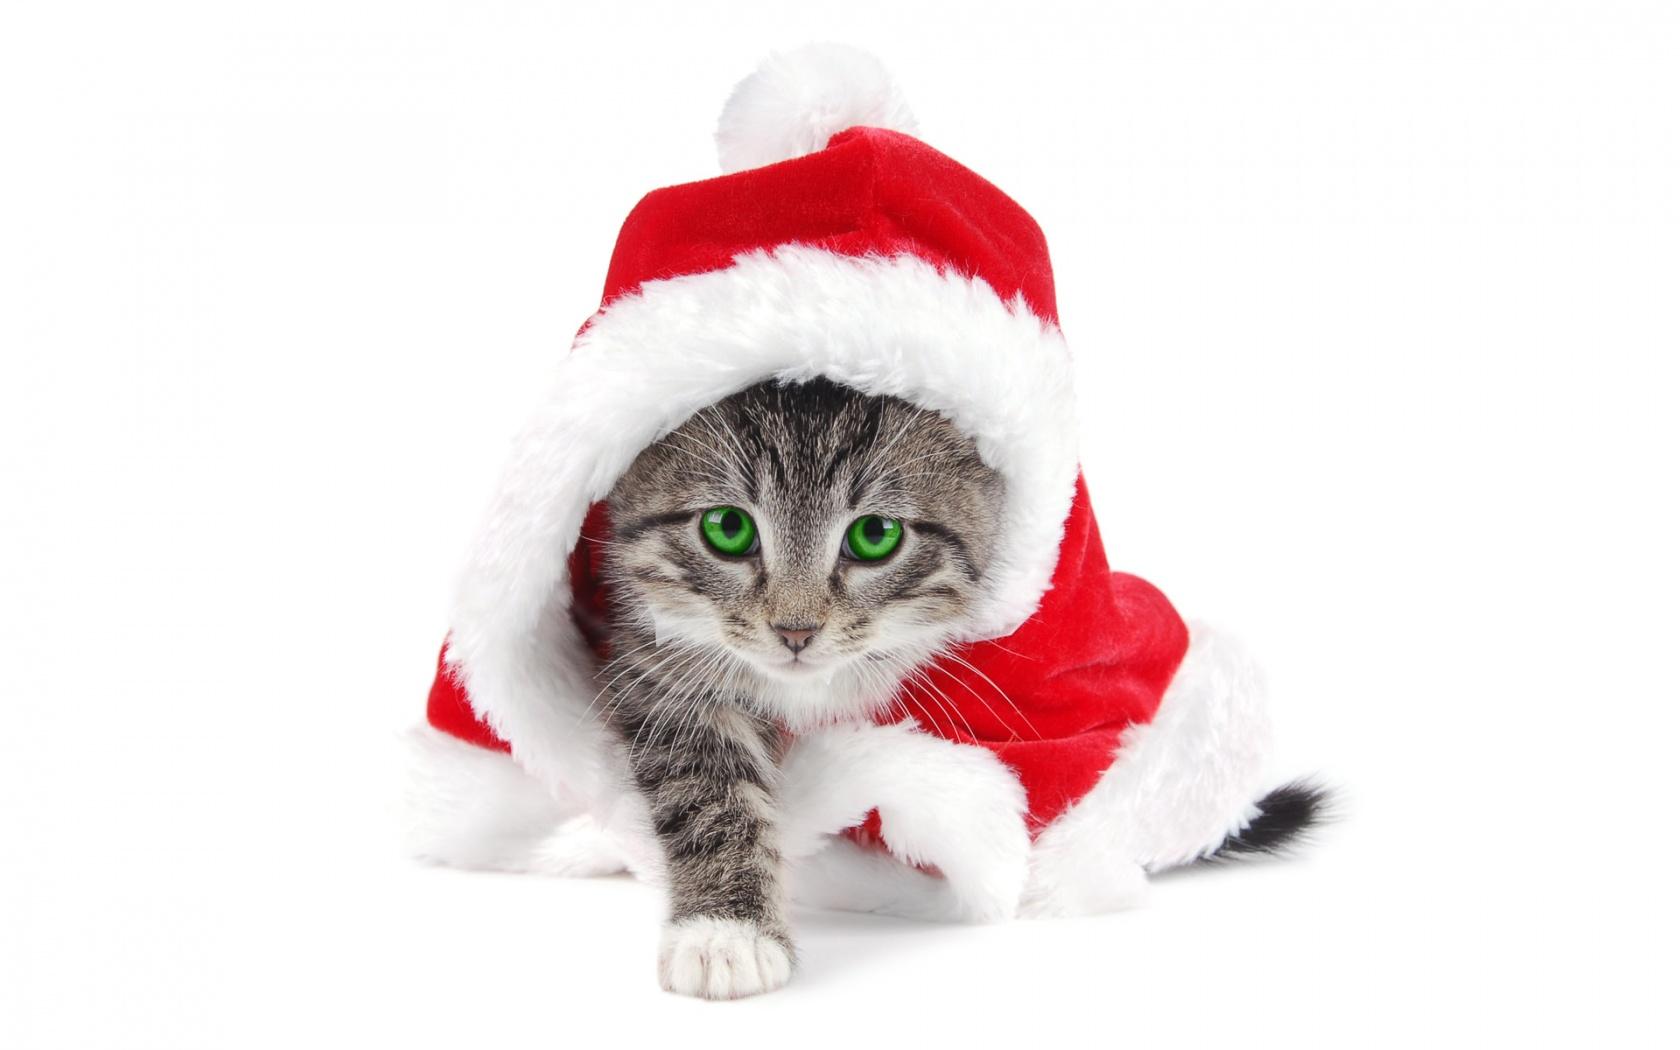 El gato Santa Claus - 1680x1050